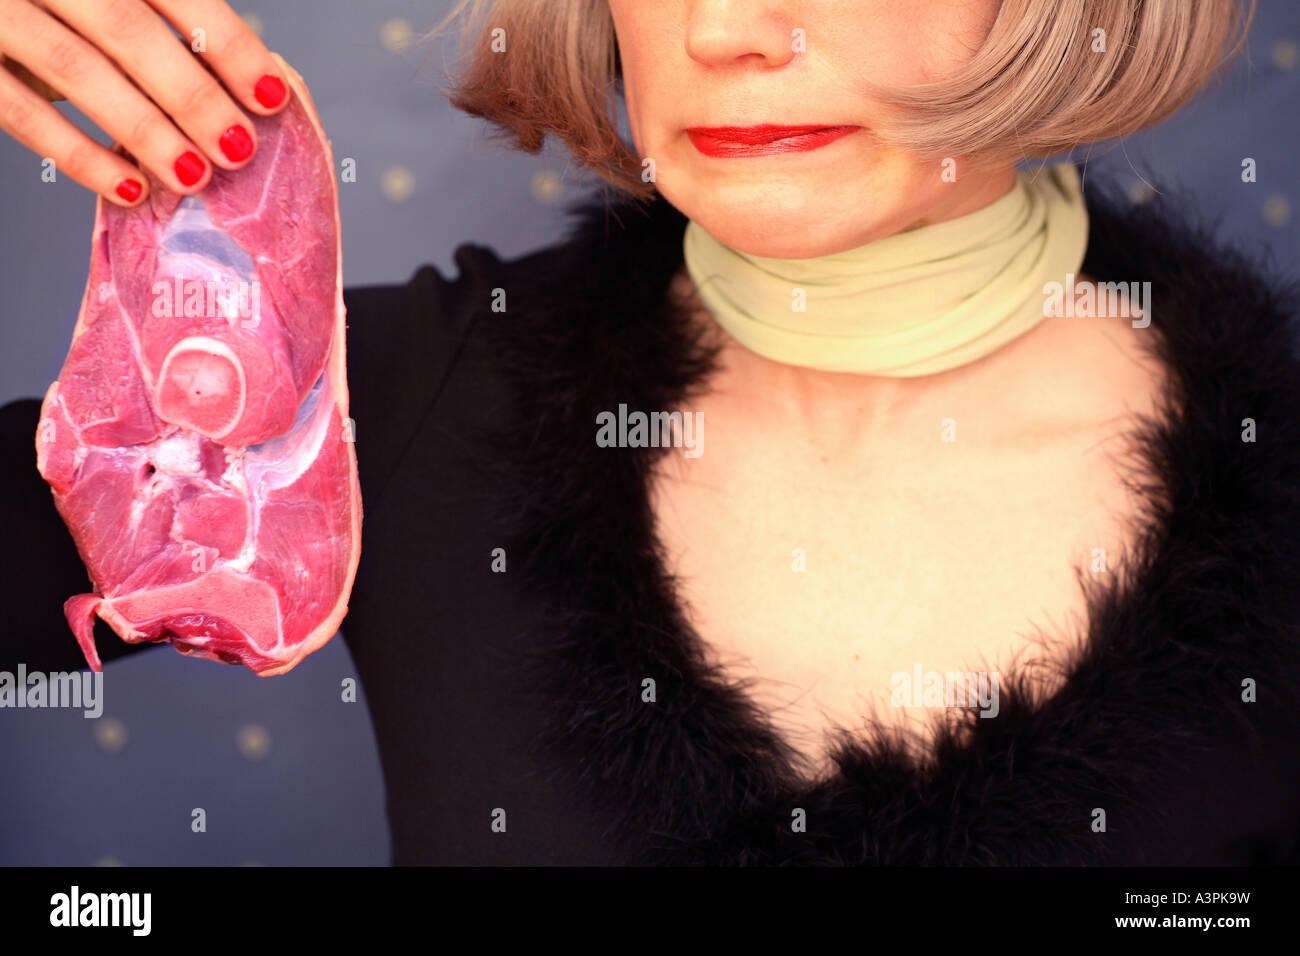 Mujer sosteniendo un trozo de carne cruda con una mirada de disgusto en su cara Imagen De Stock